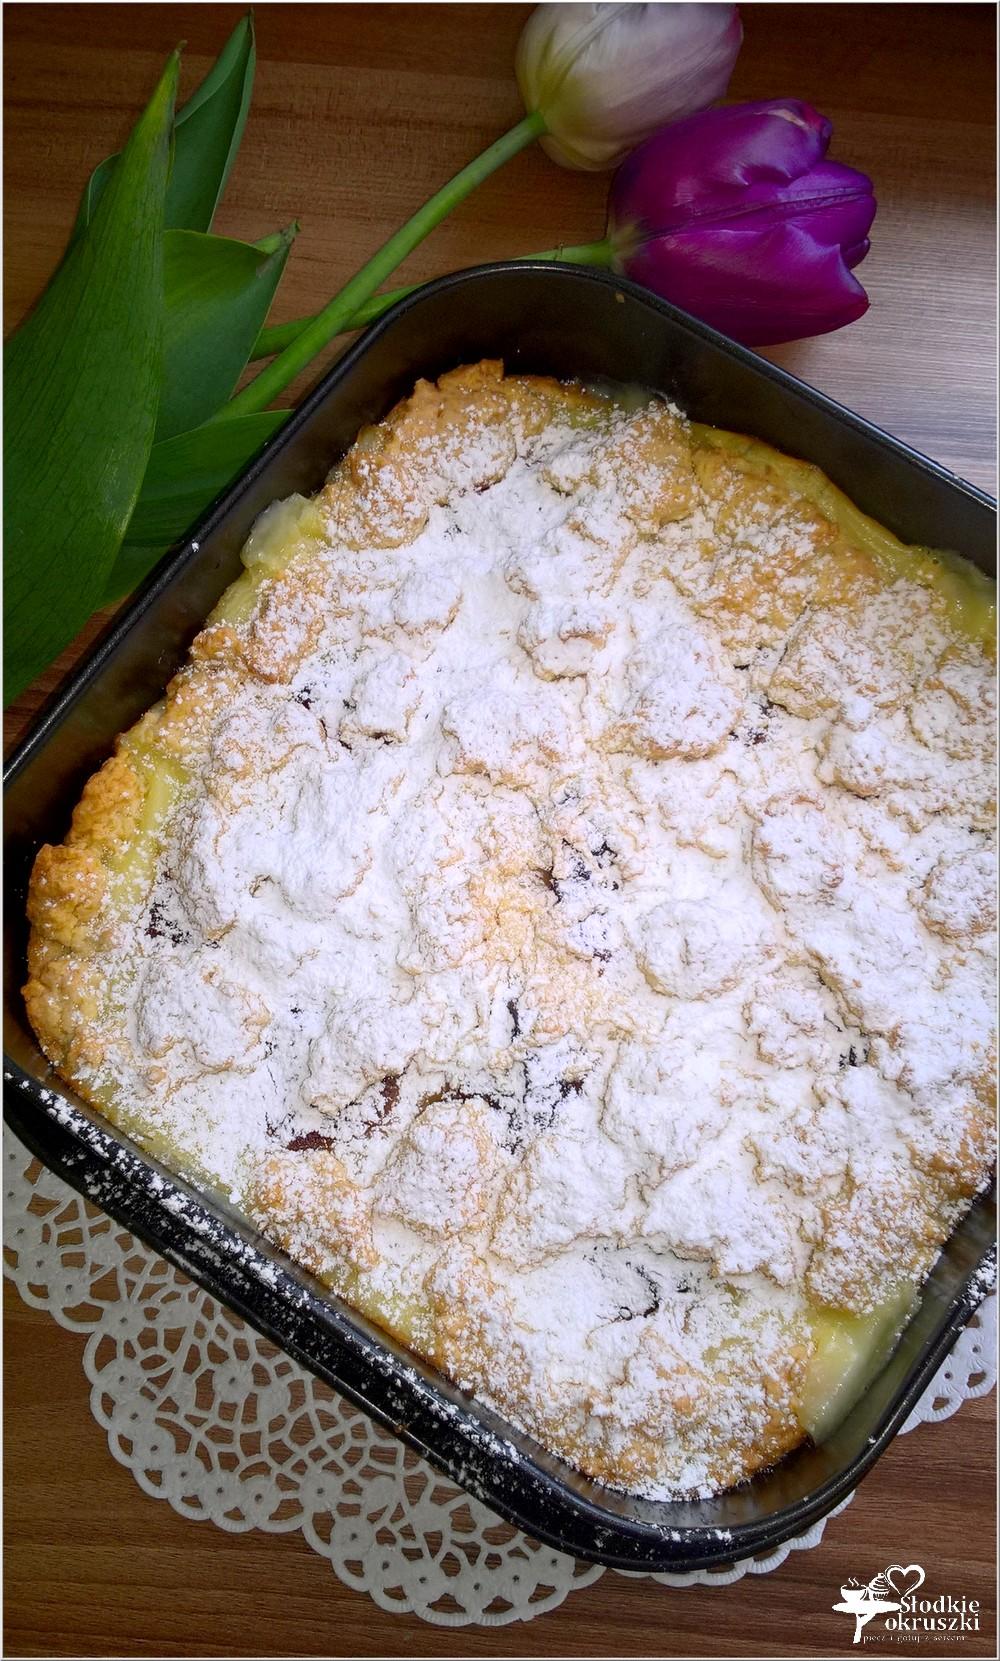 Kruche ciasto z budyniem i marmoladą (2)